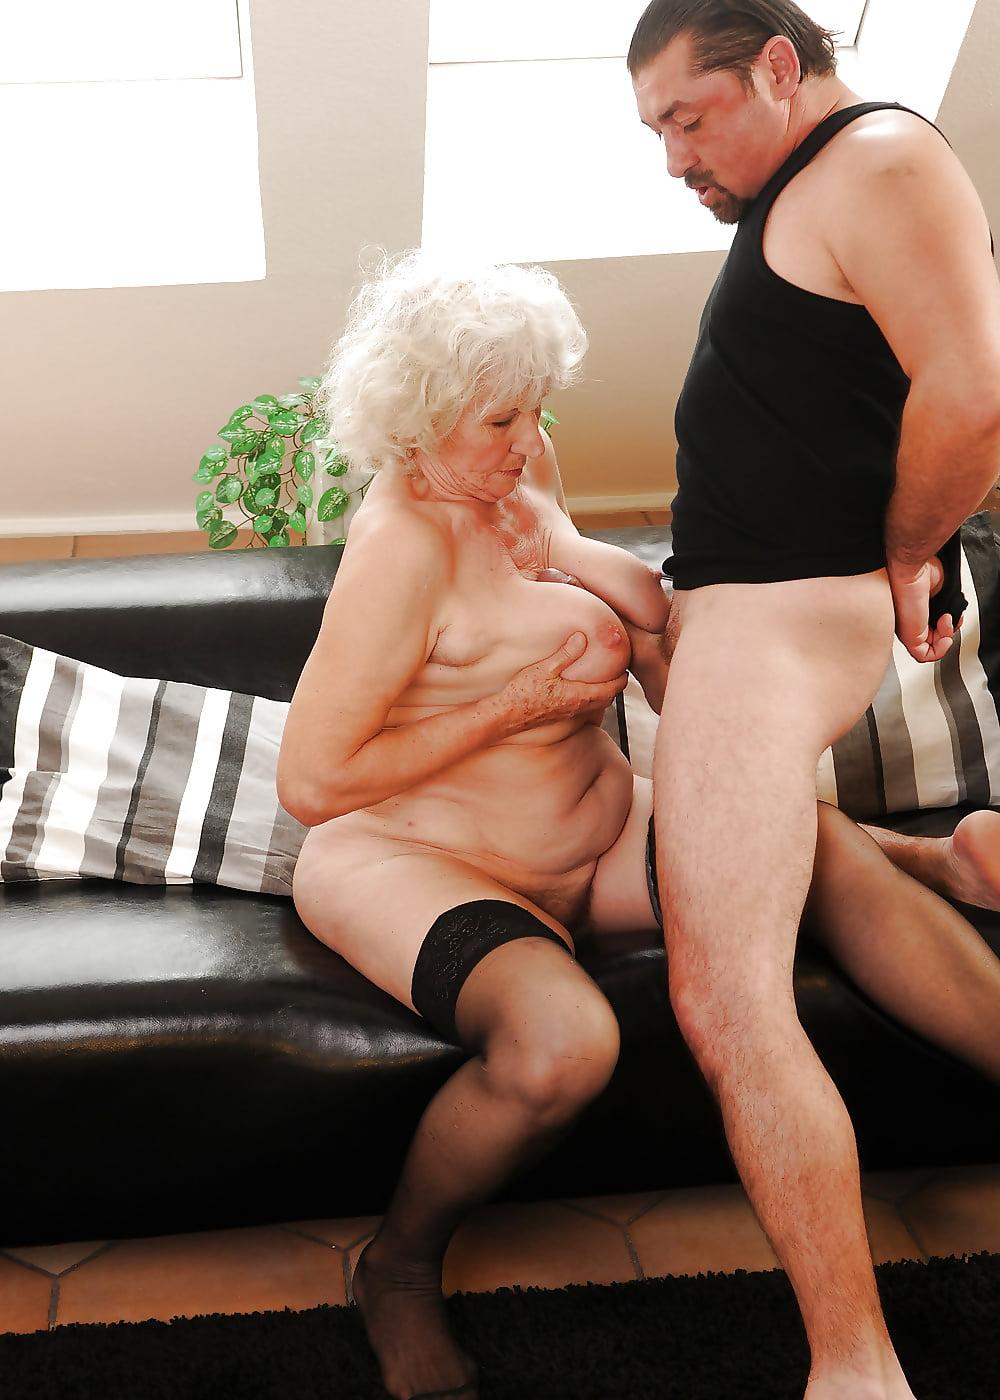 Проститутки пожилые по чем — pic 5